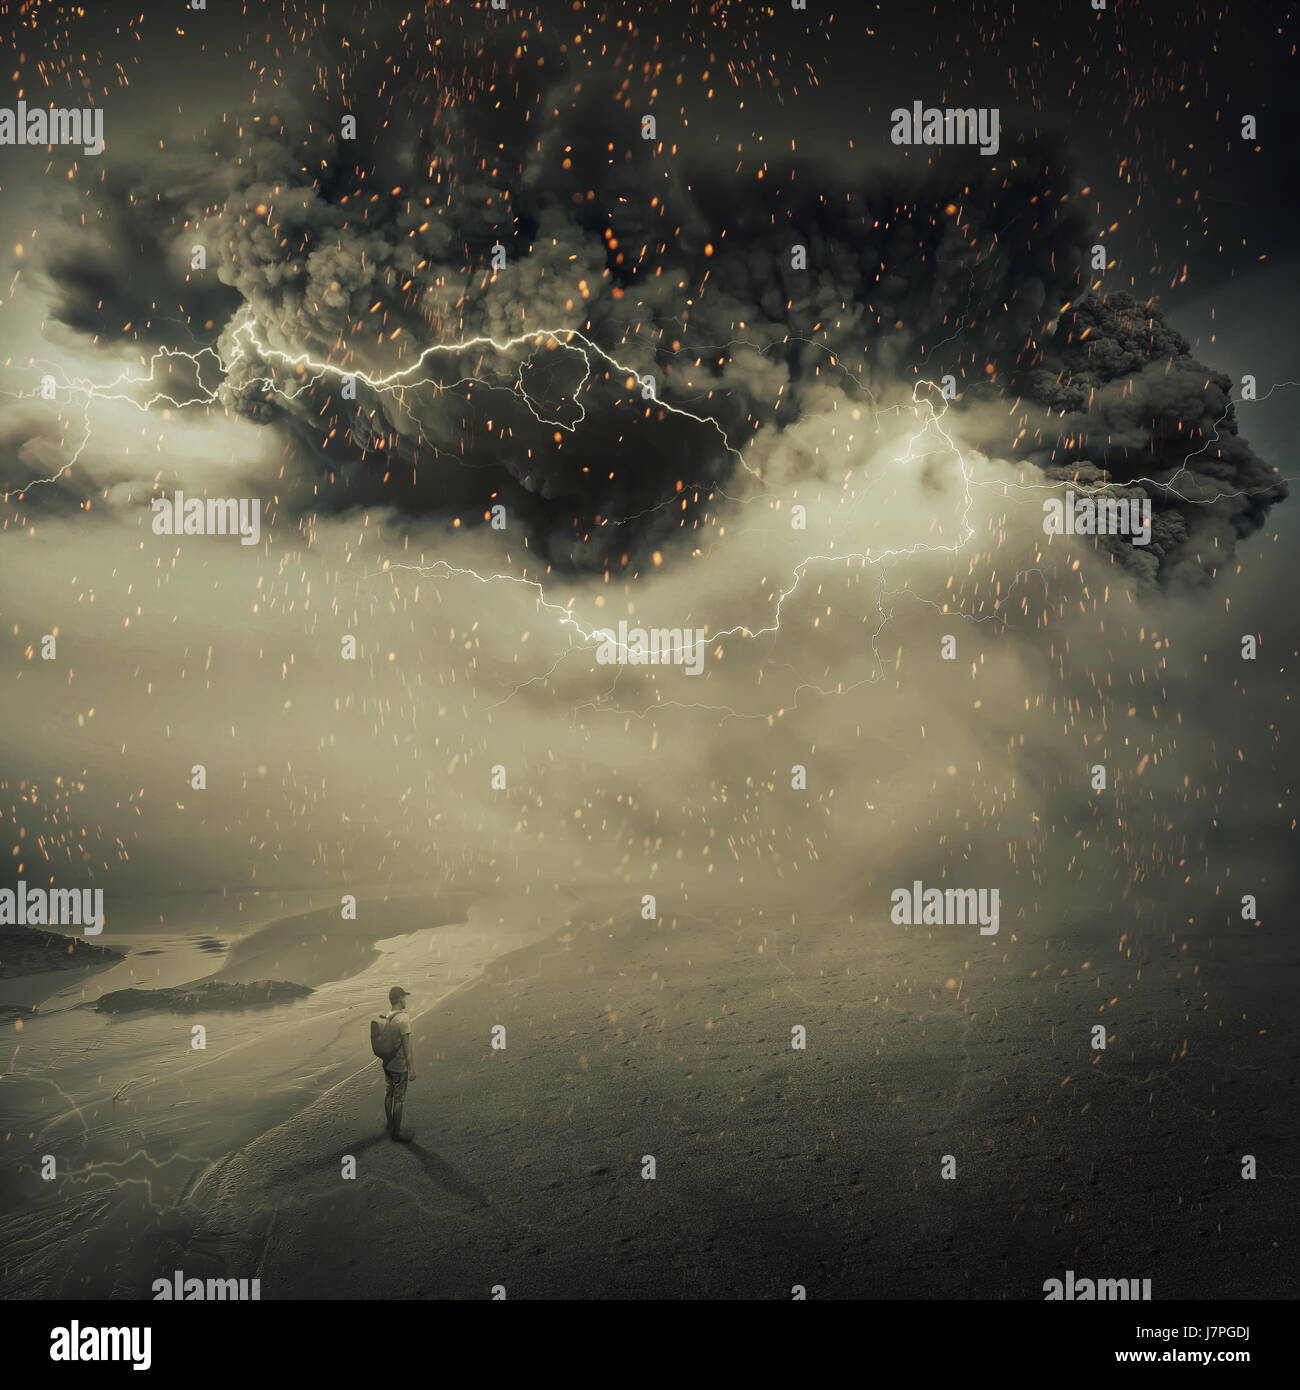 Vista surreale come un ragazzo di stare sulla terra sabbiosa vicino al mare guardando un uragano, tempesta di sabbia Immagini Stock